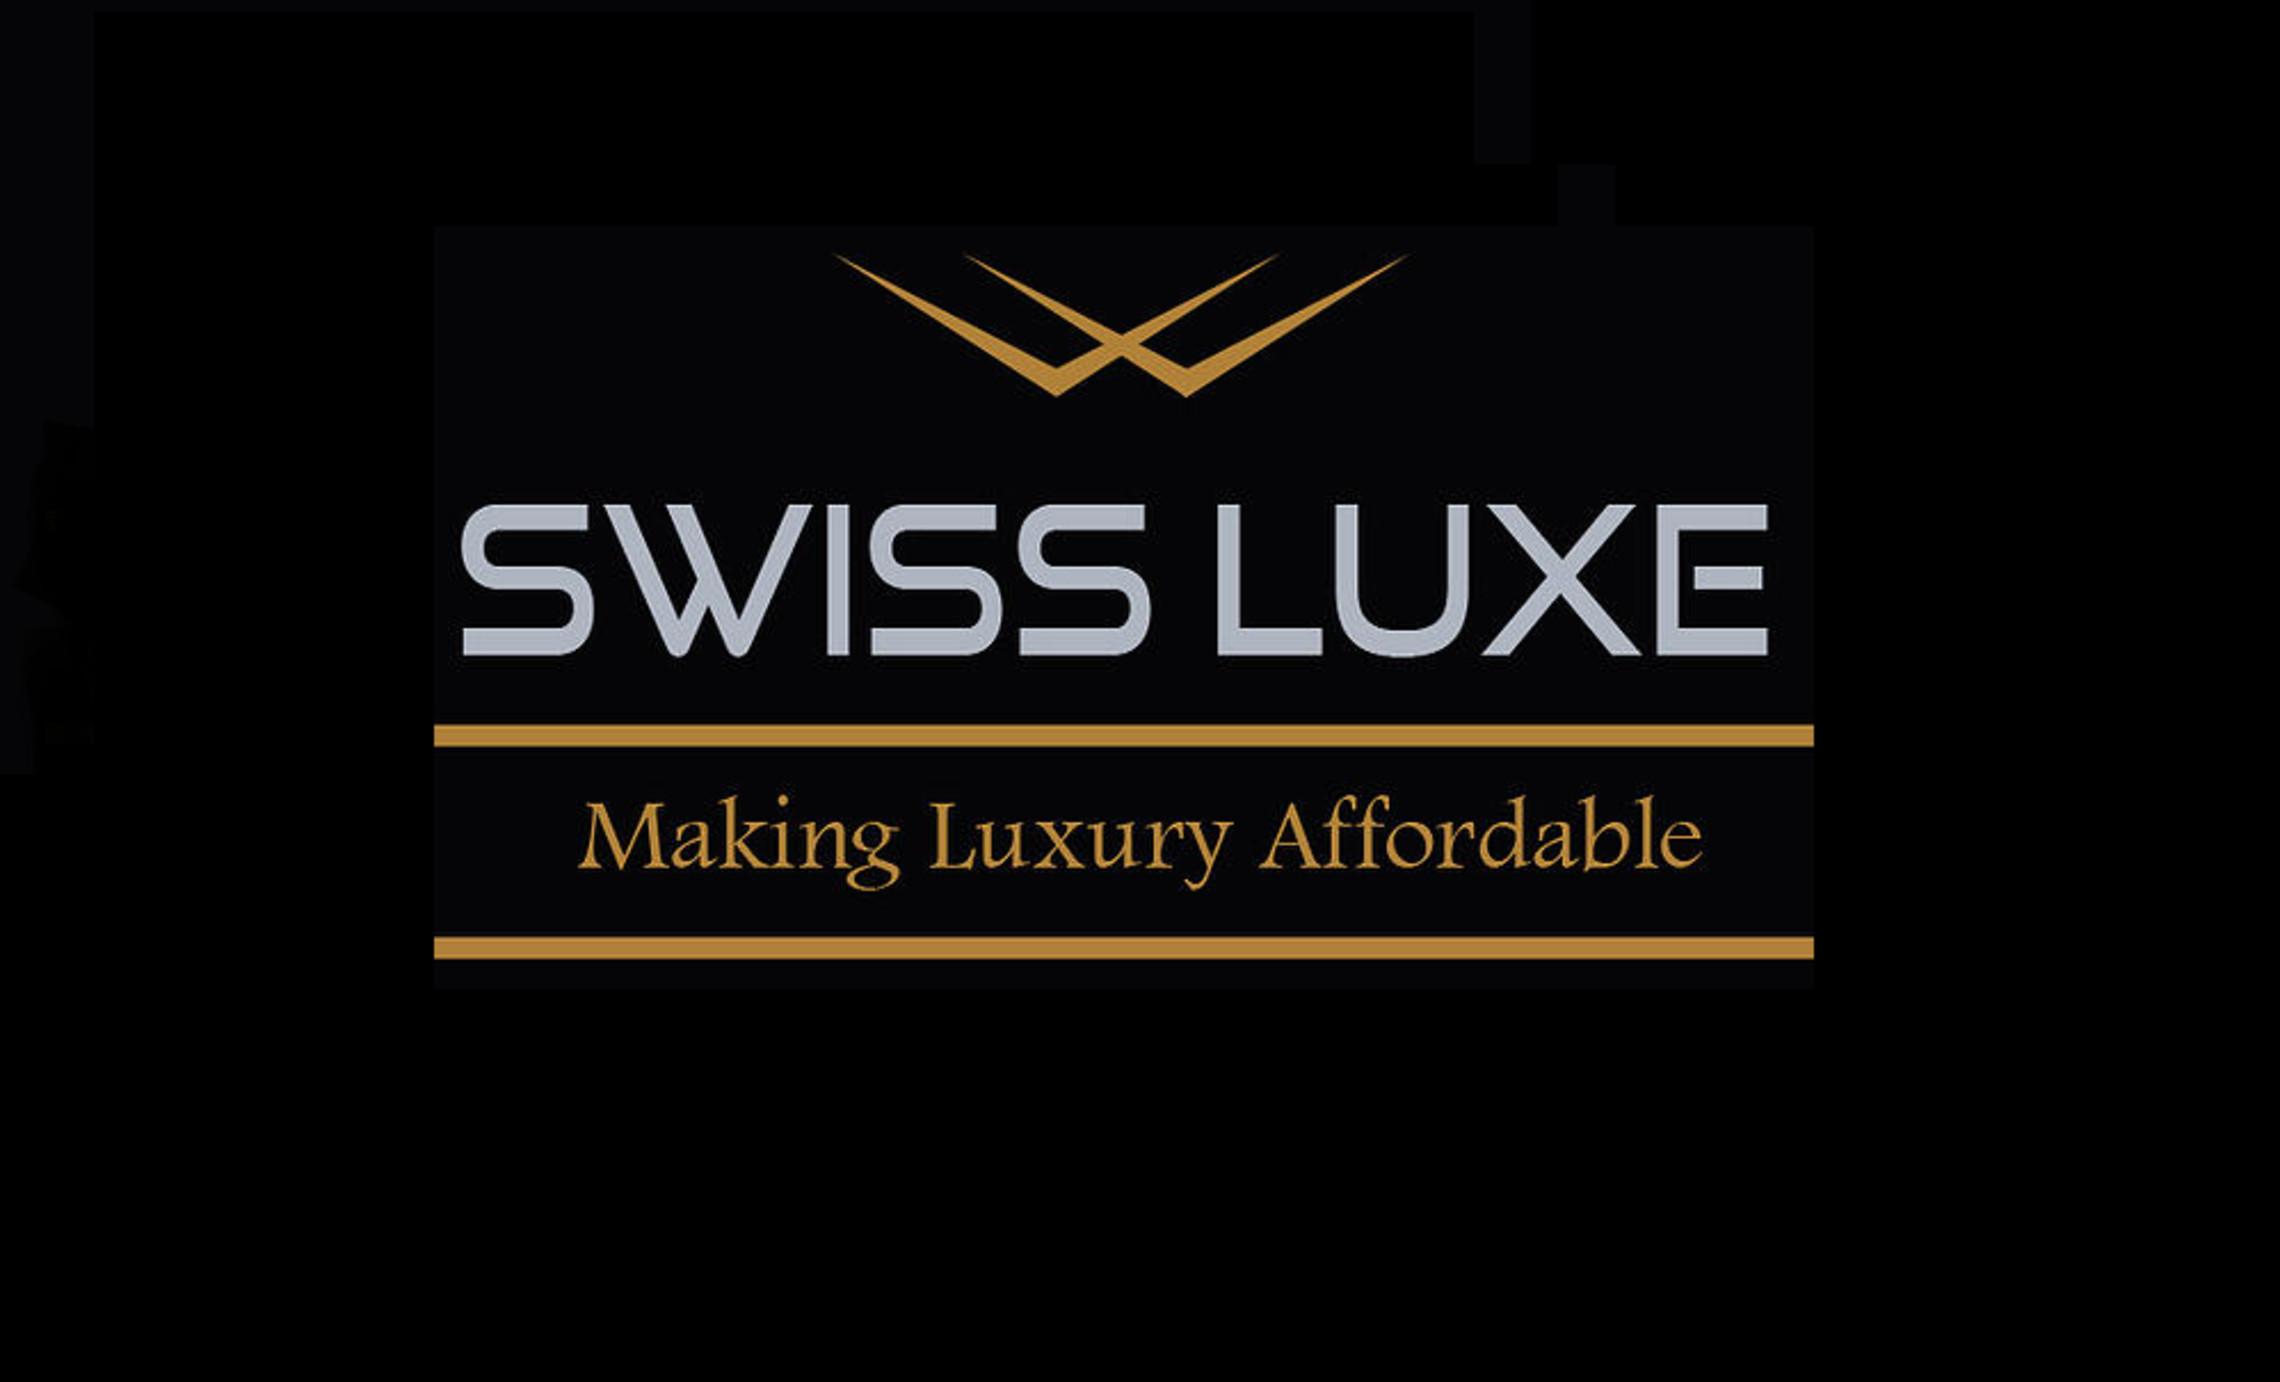 swiss luxe hk- company logo